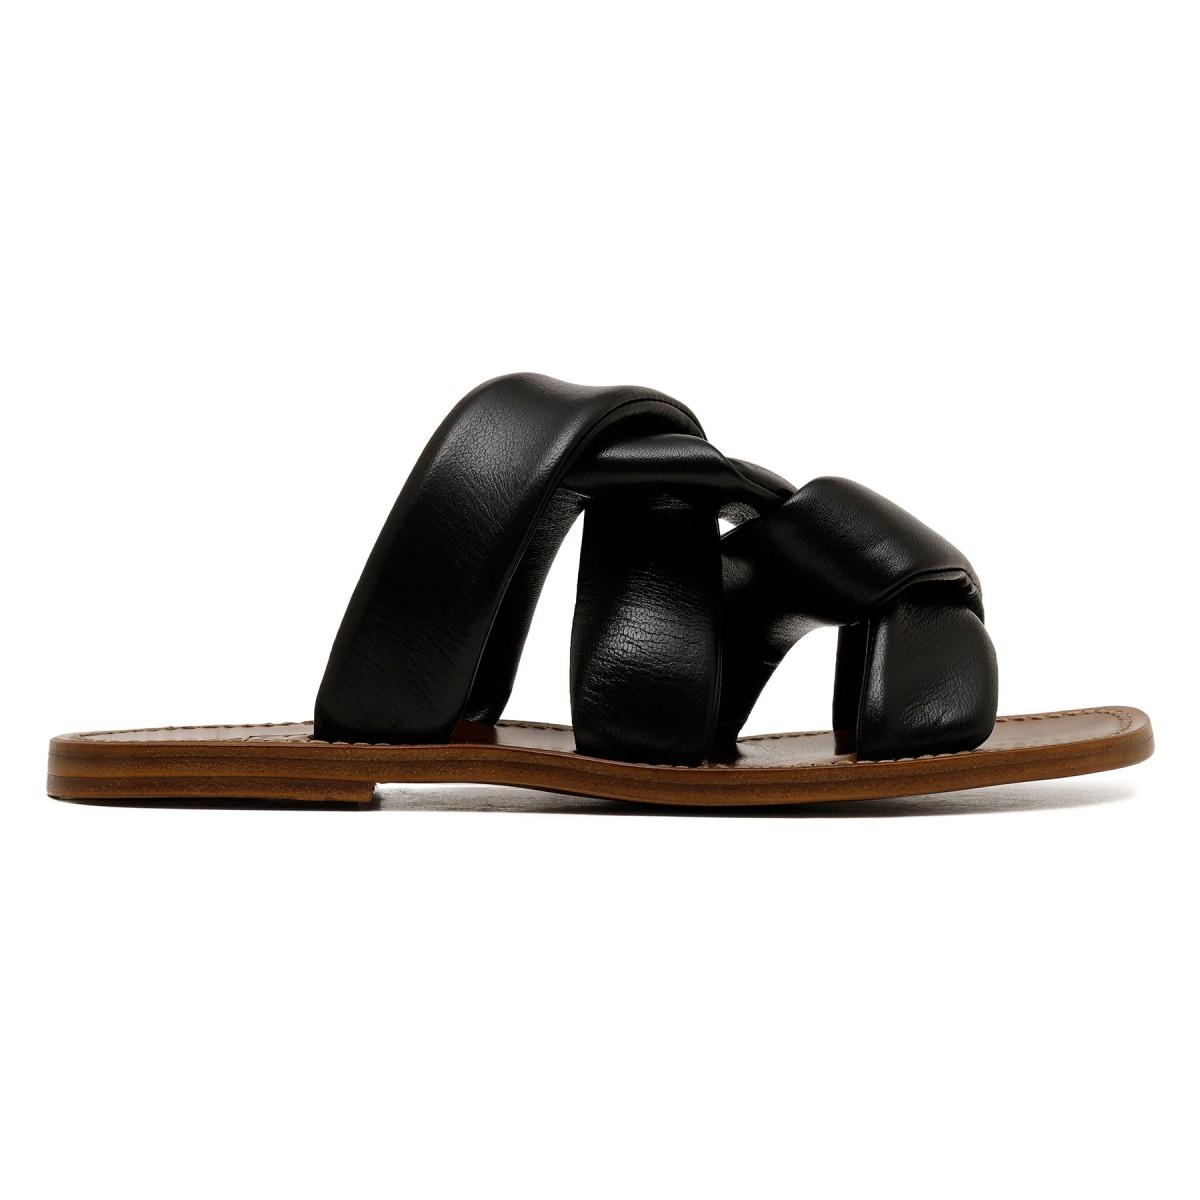 Black leather slide sandals